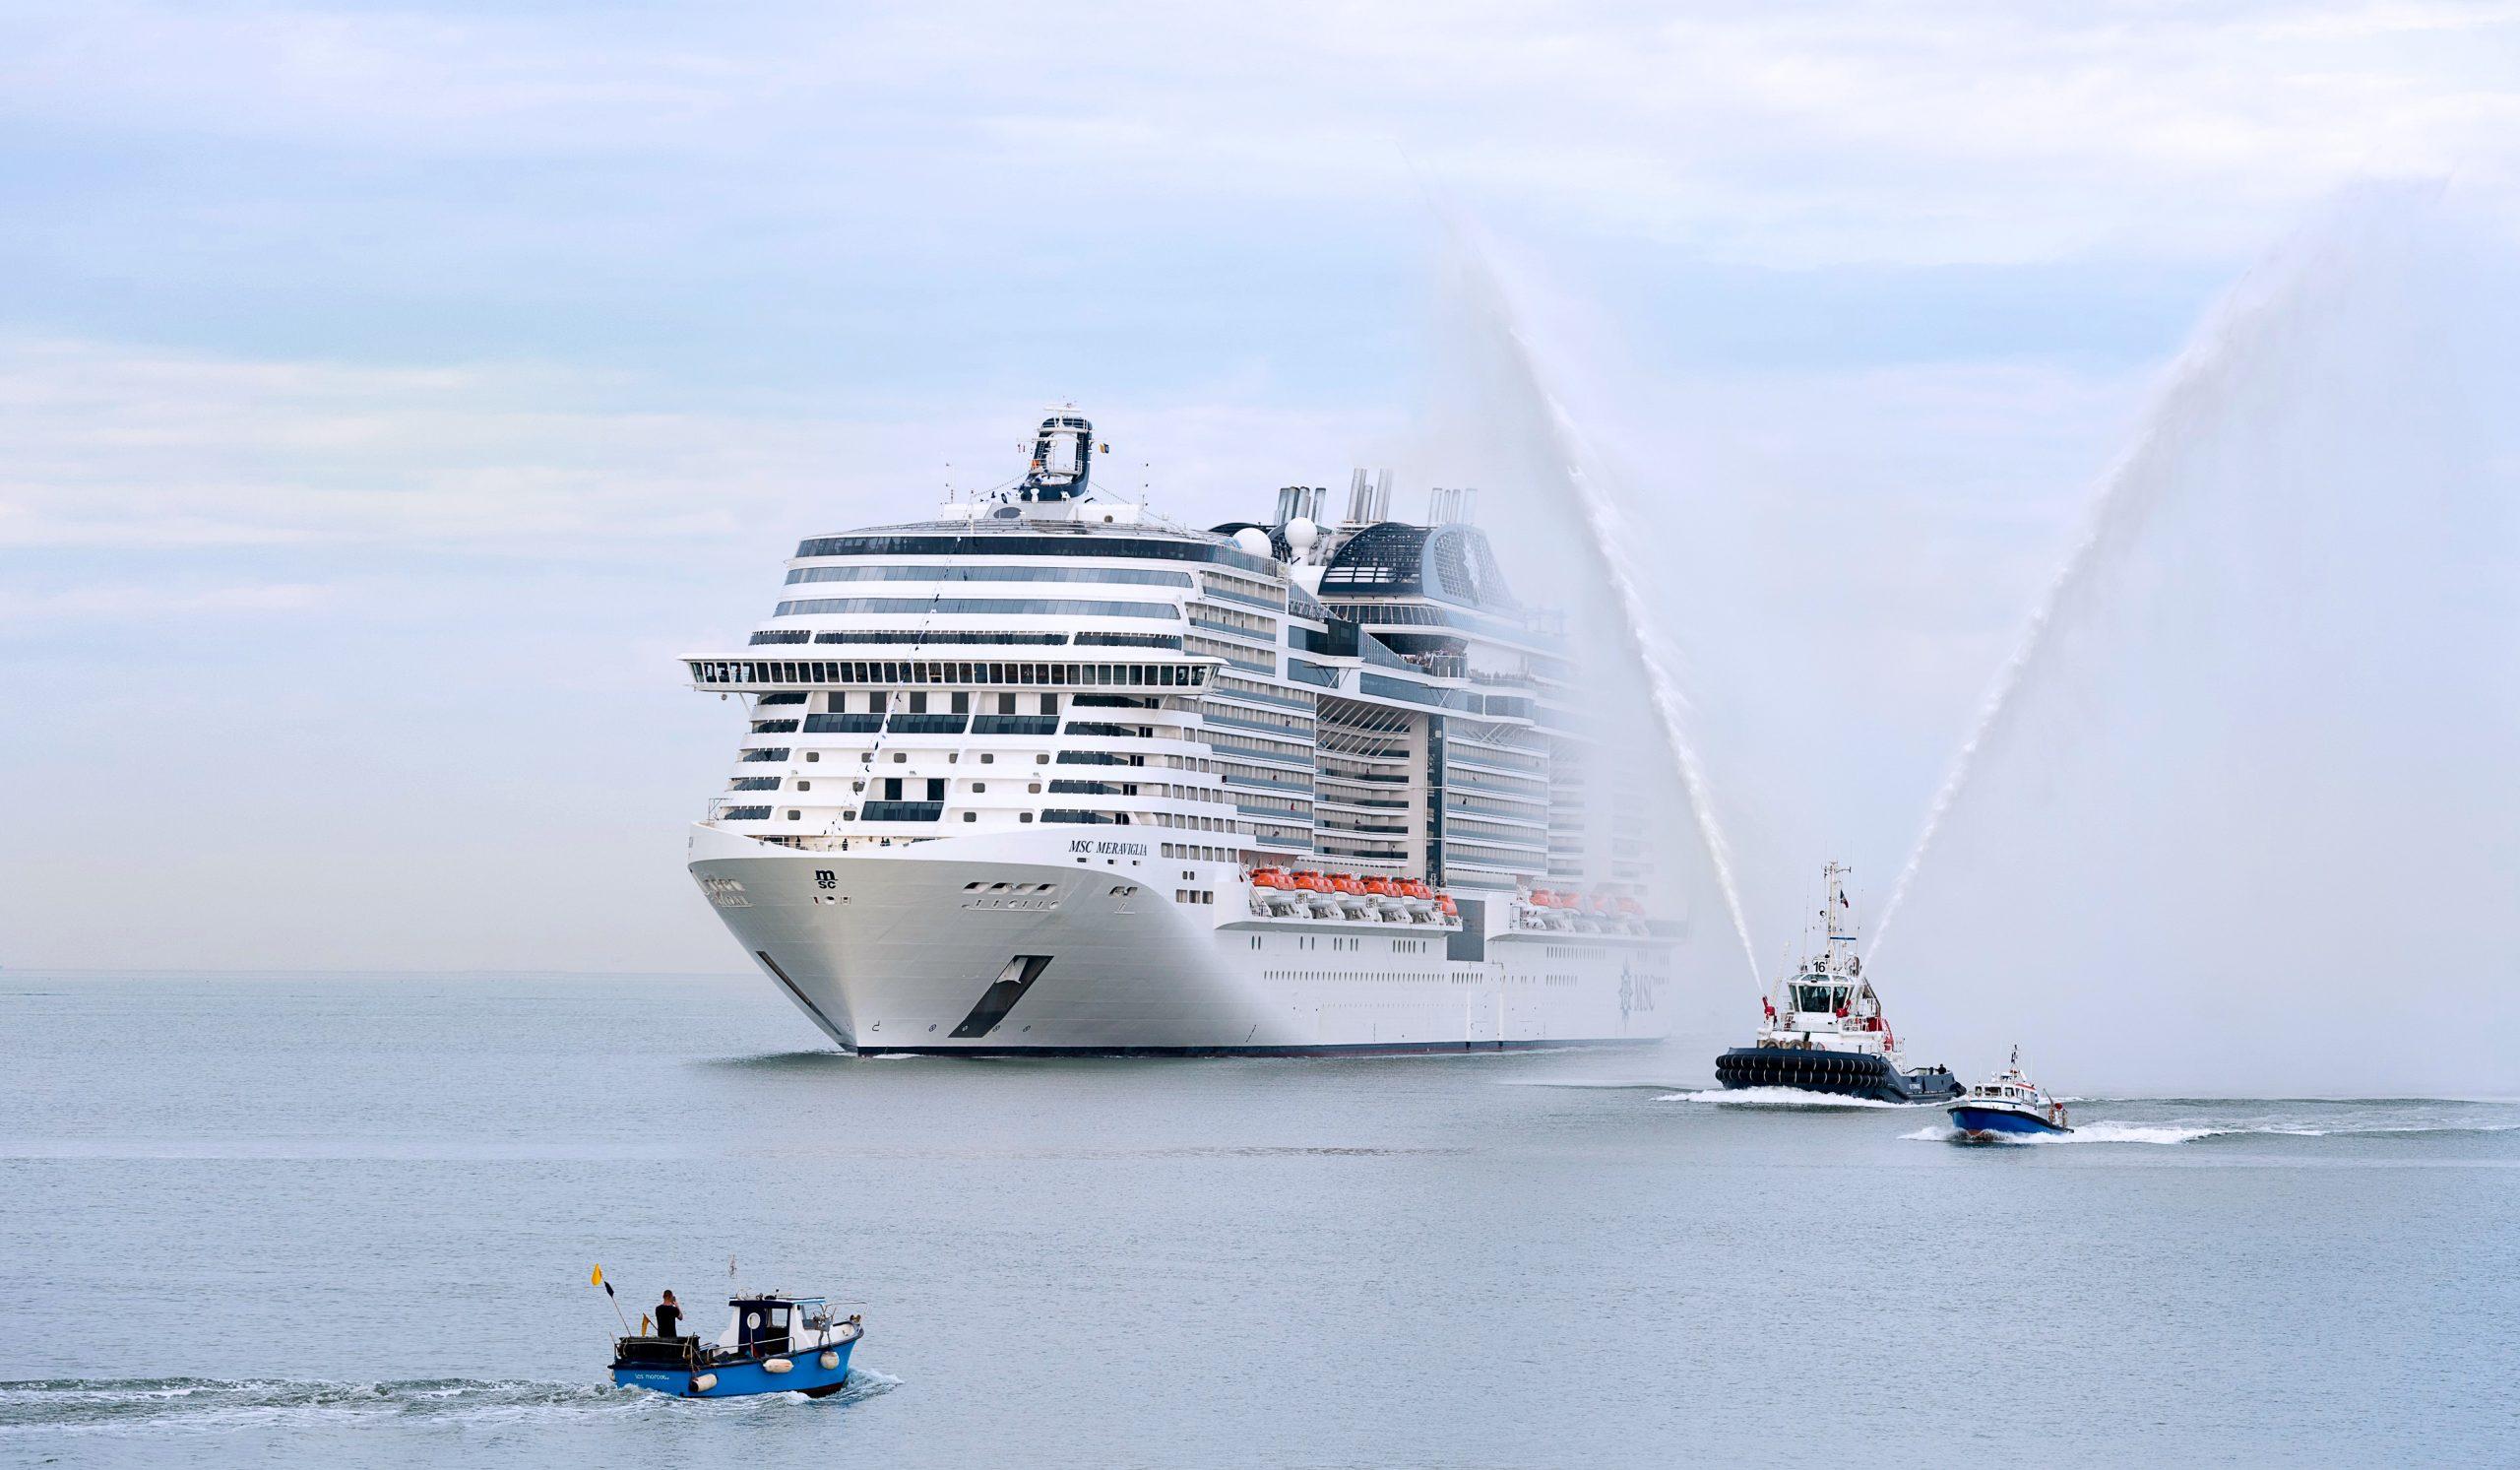 Wegen der weltweiten Corona-Krise haben die Hochseereedereien MSC und NCL sowie Flussreisenveranstalter Croisi die Pause für ihre Schiffe und Kreuzfahrten verlängert.